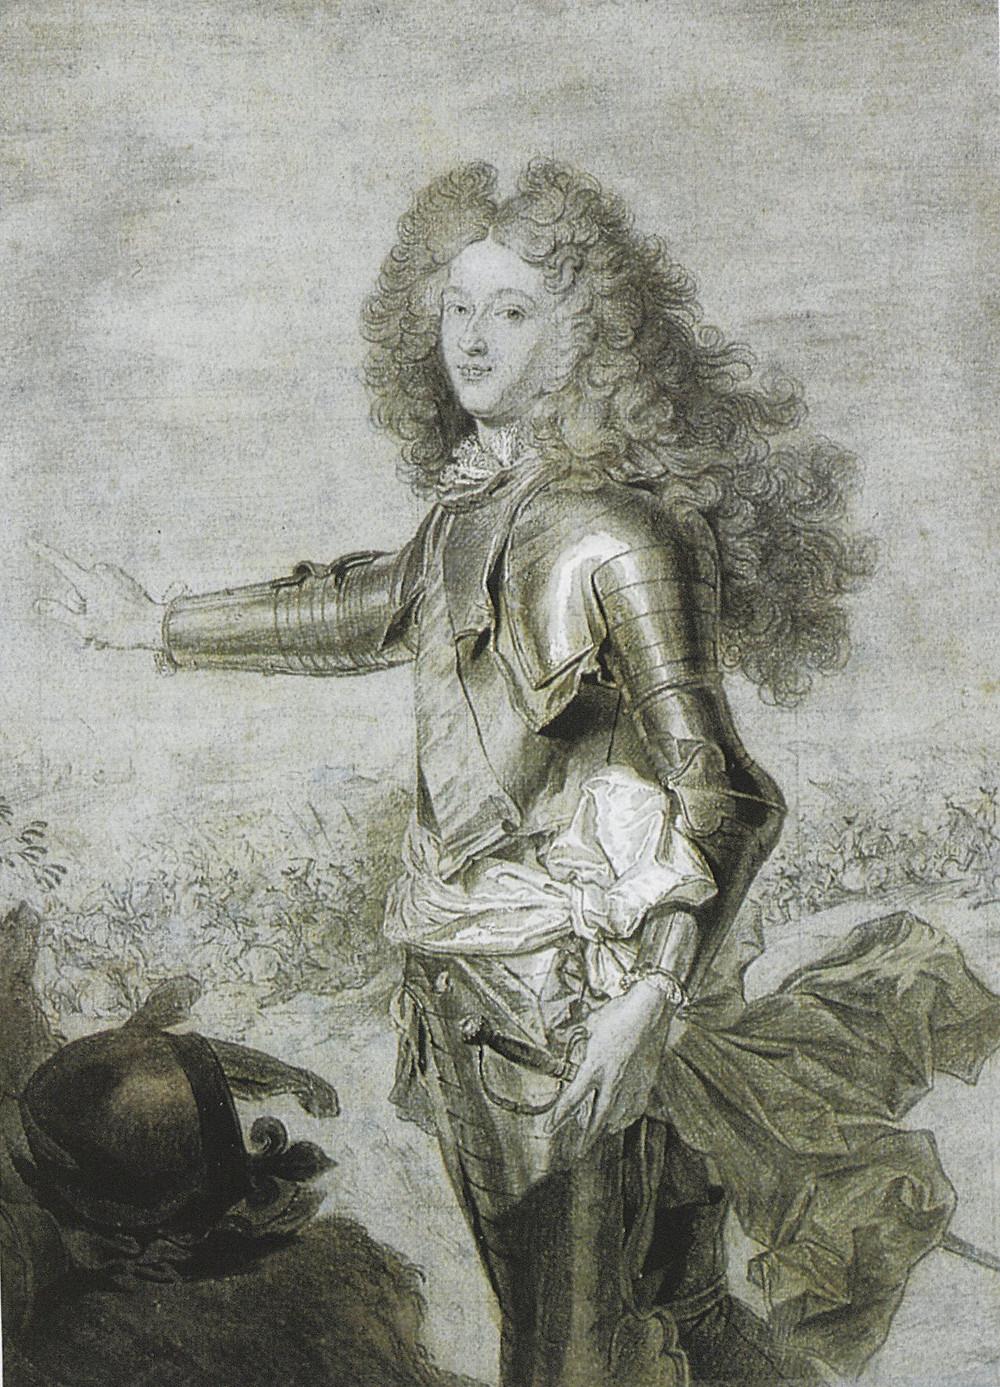 Hyacinthe Rigaud et B. Monmorency, Portrait du duc de Bourgogne, 1707 (?), Paris, collection Prat